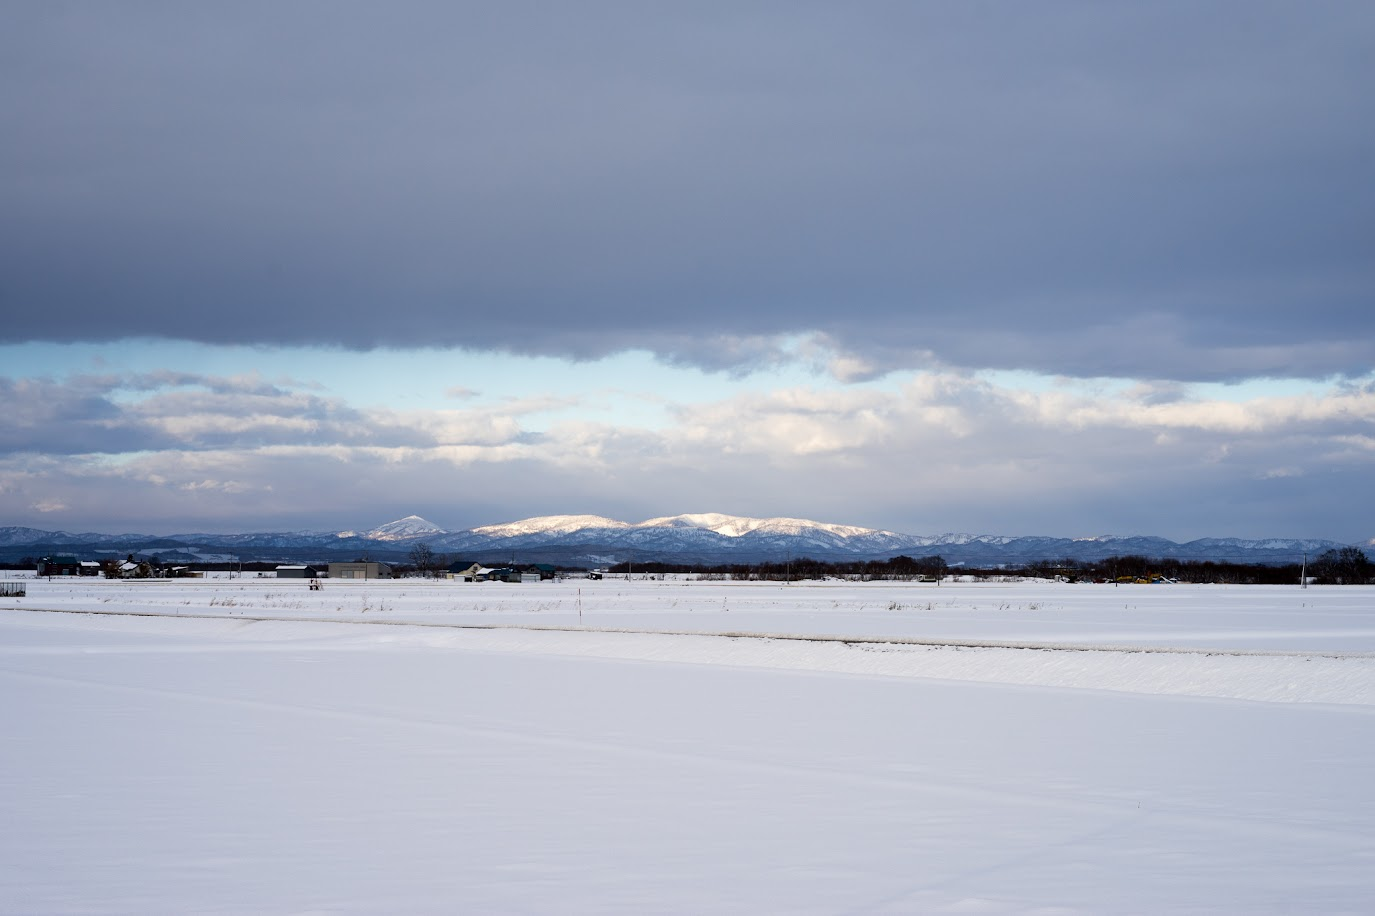 山頂の雪を照らす光